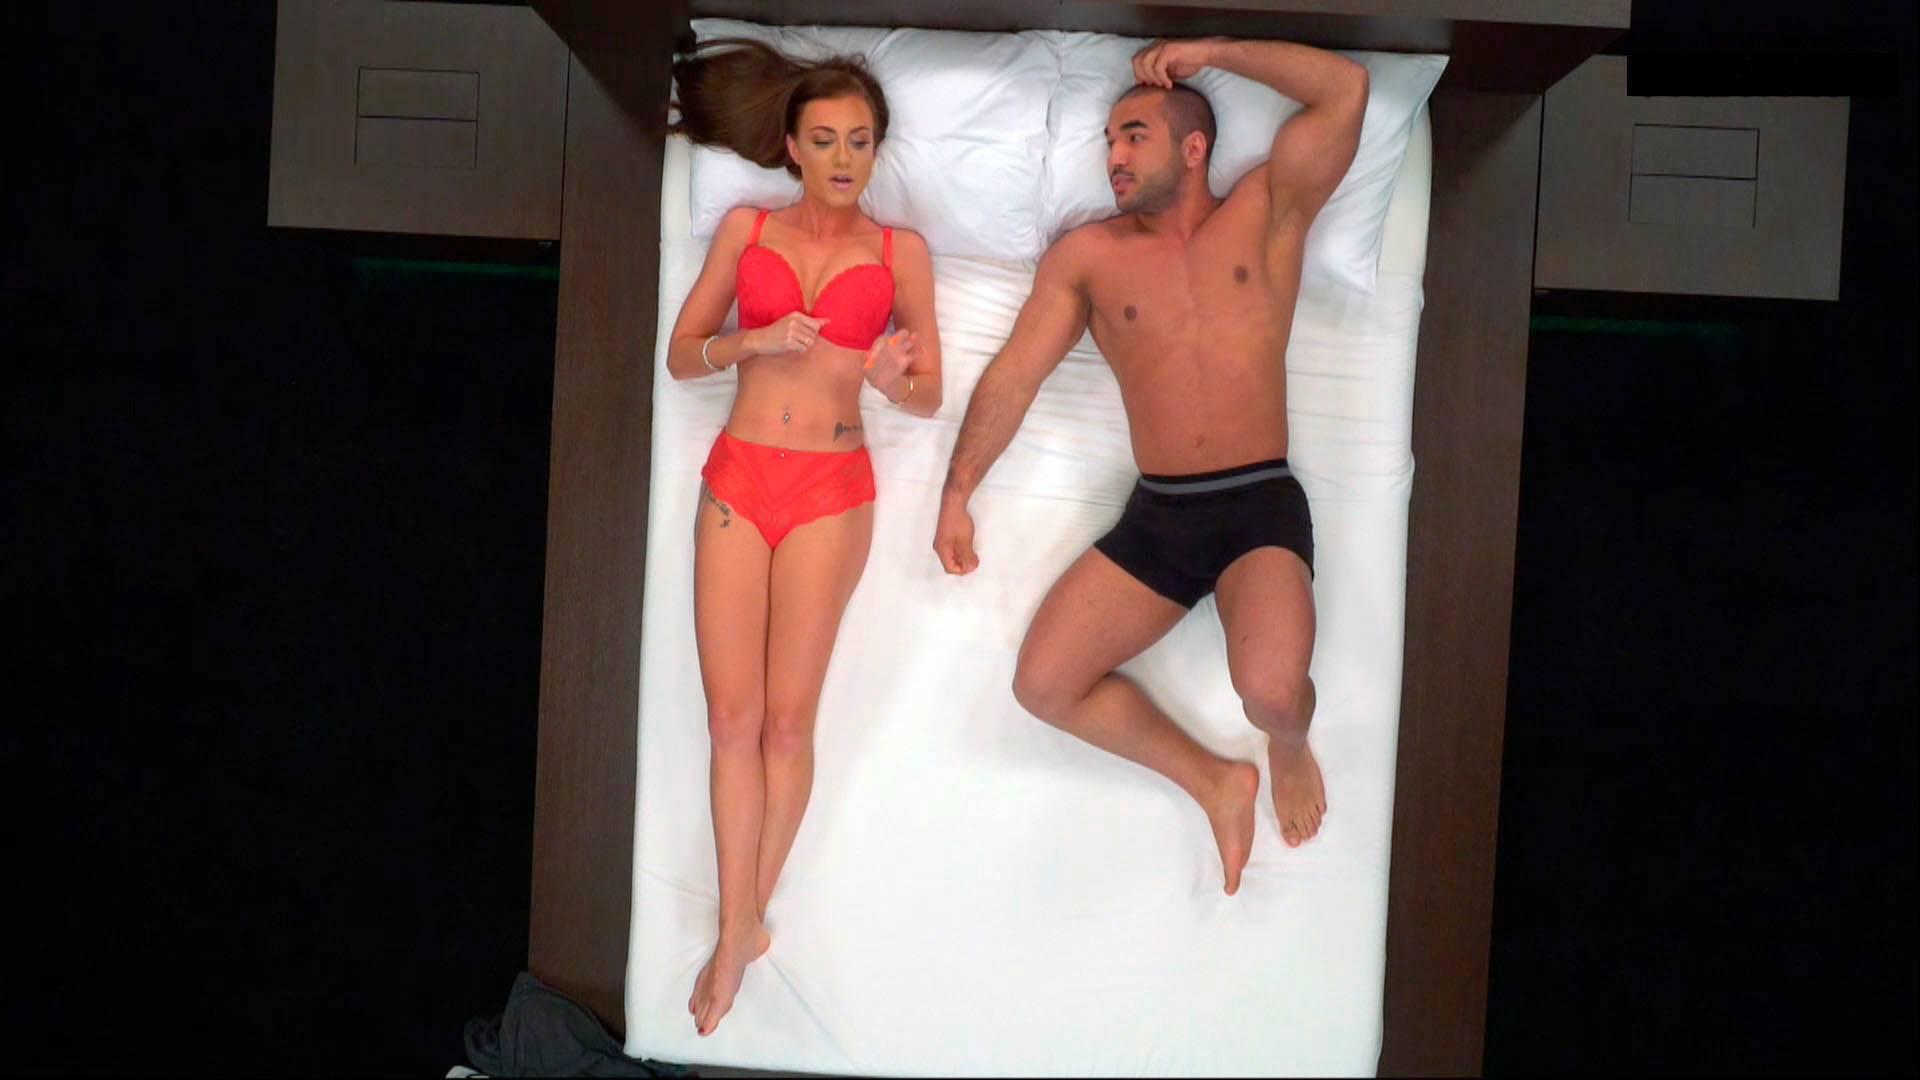 nainen ja nainen alastomat miehet